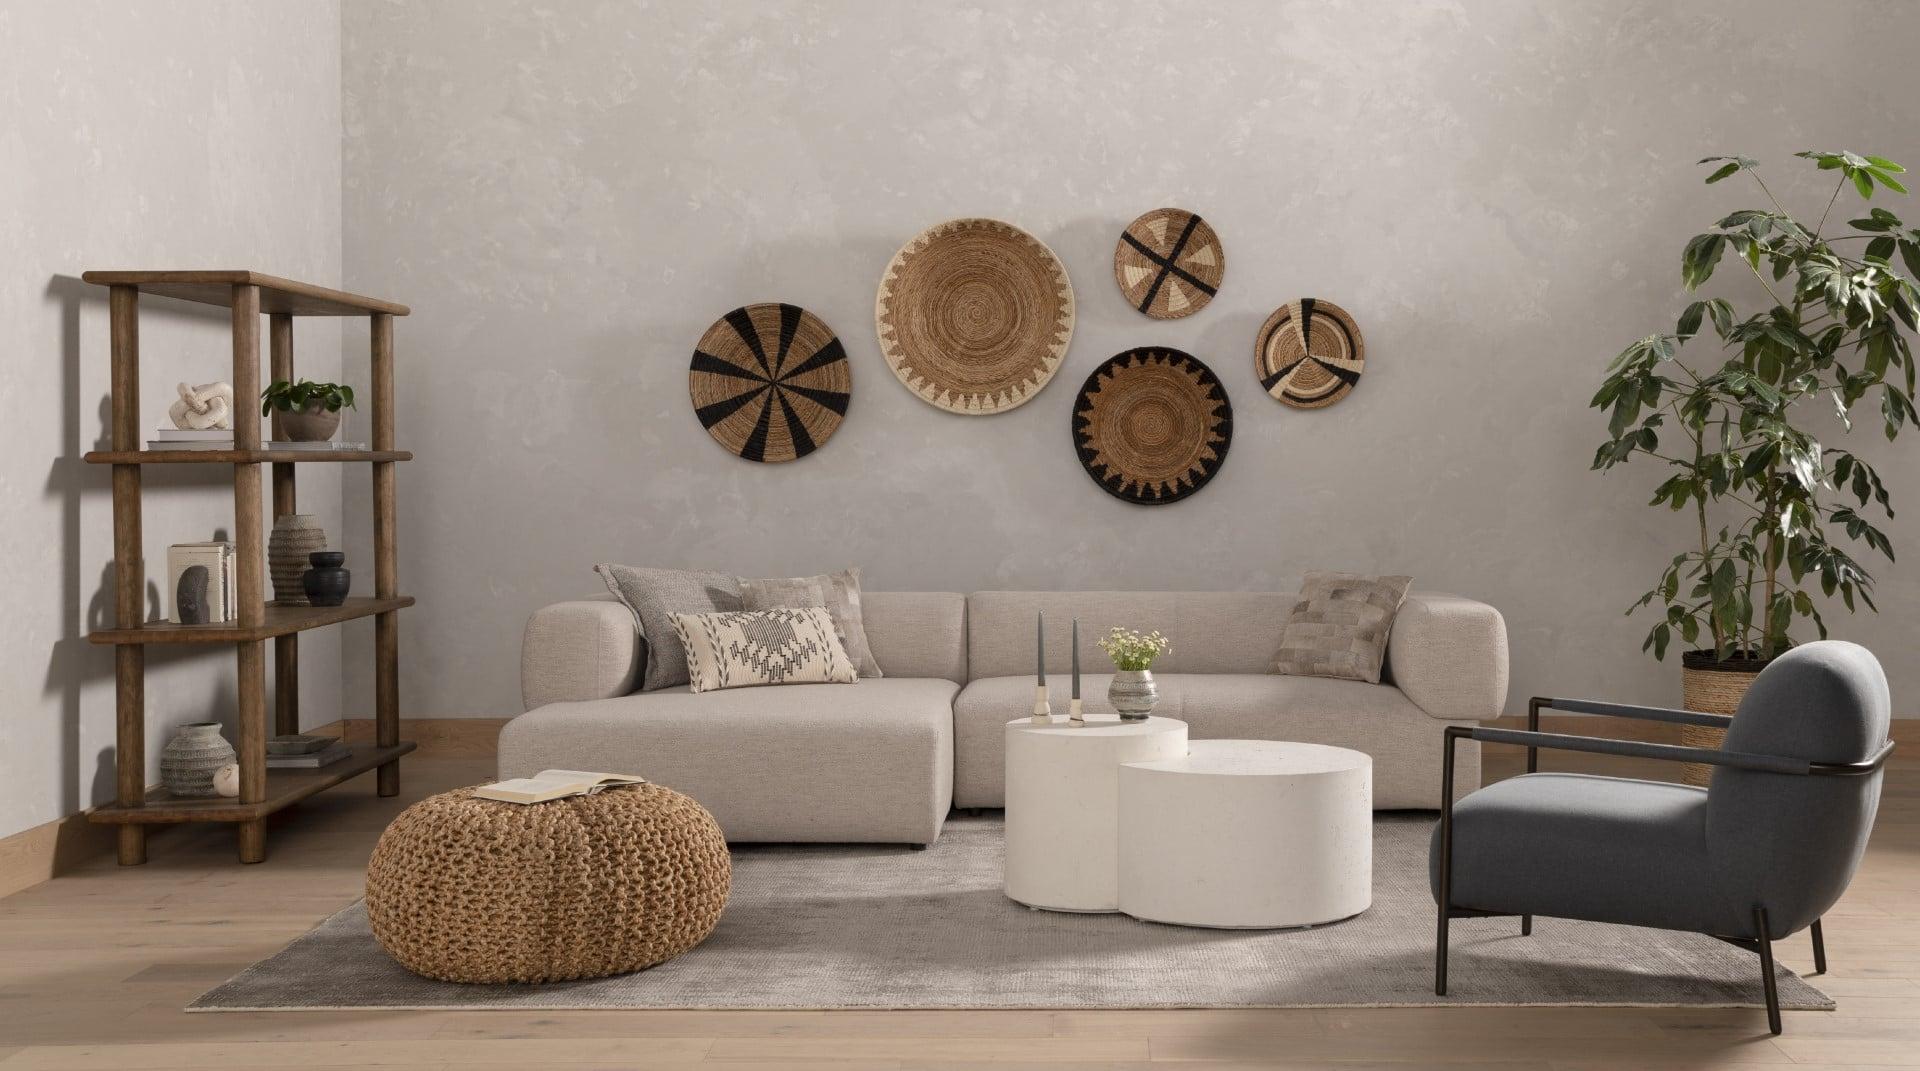 Lisette_sectional-organic-modern-design-style